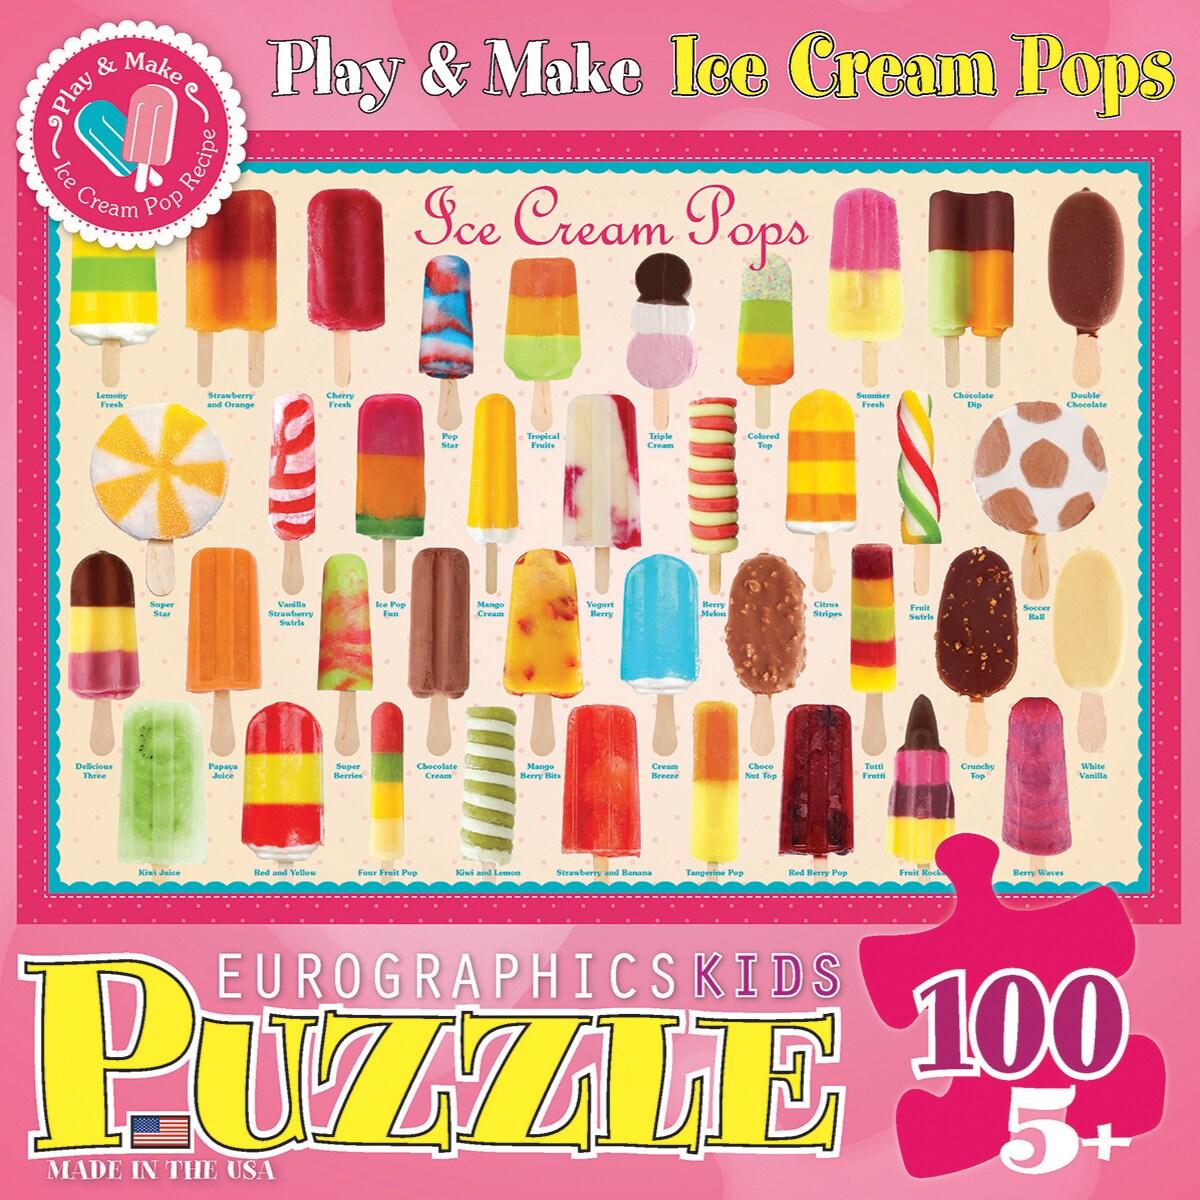 Eurographics Ice Cream (Ivory) Pops Puzzle 100 Pieces (Ic...